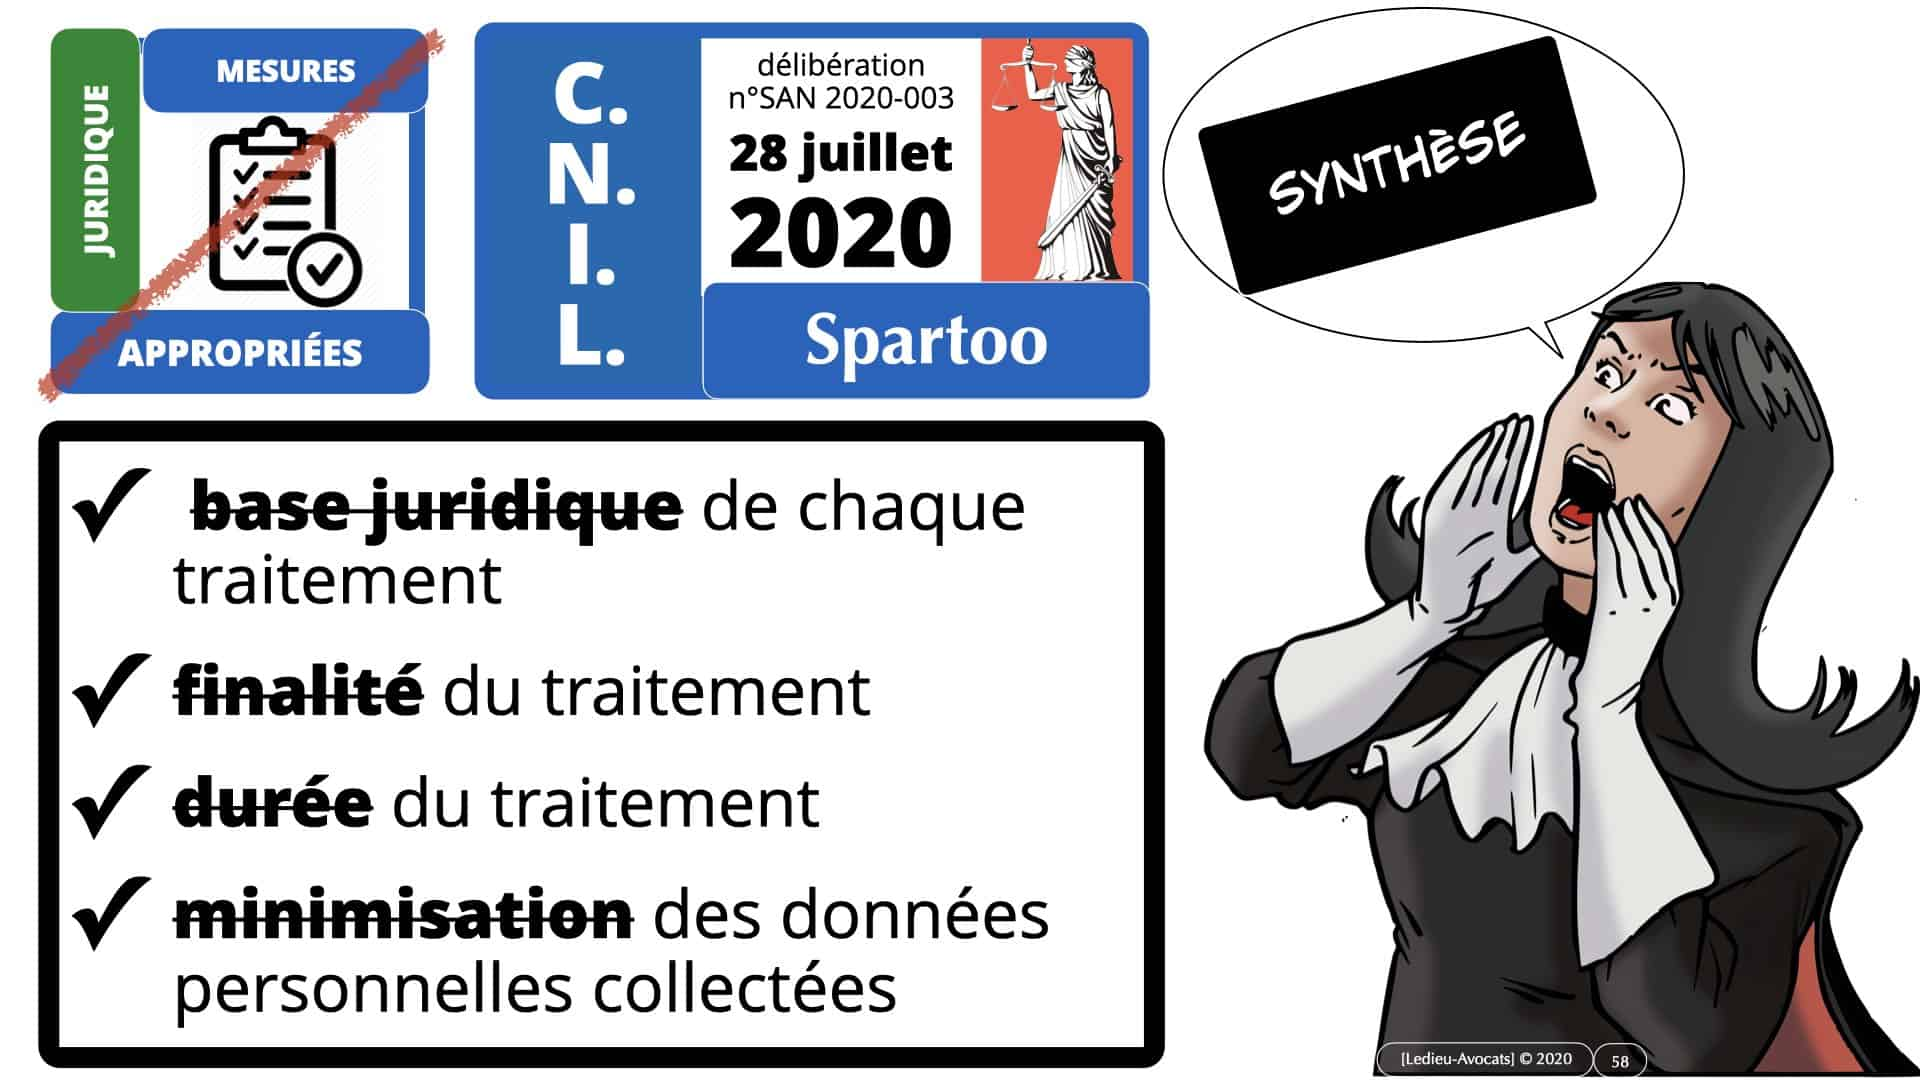 RGPD délibération CNIL Spartoo du 28 juillet 2020 n°SAN 2020-003 *16:9* ©Ledieu-Avocats 19-09-2020.058